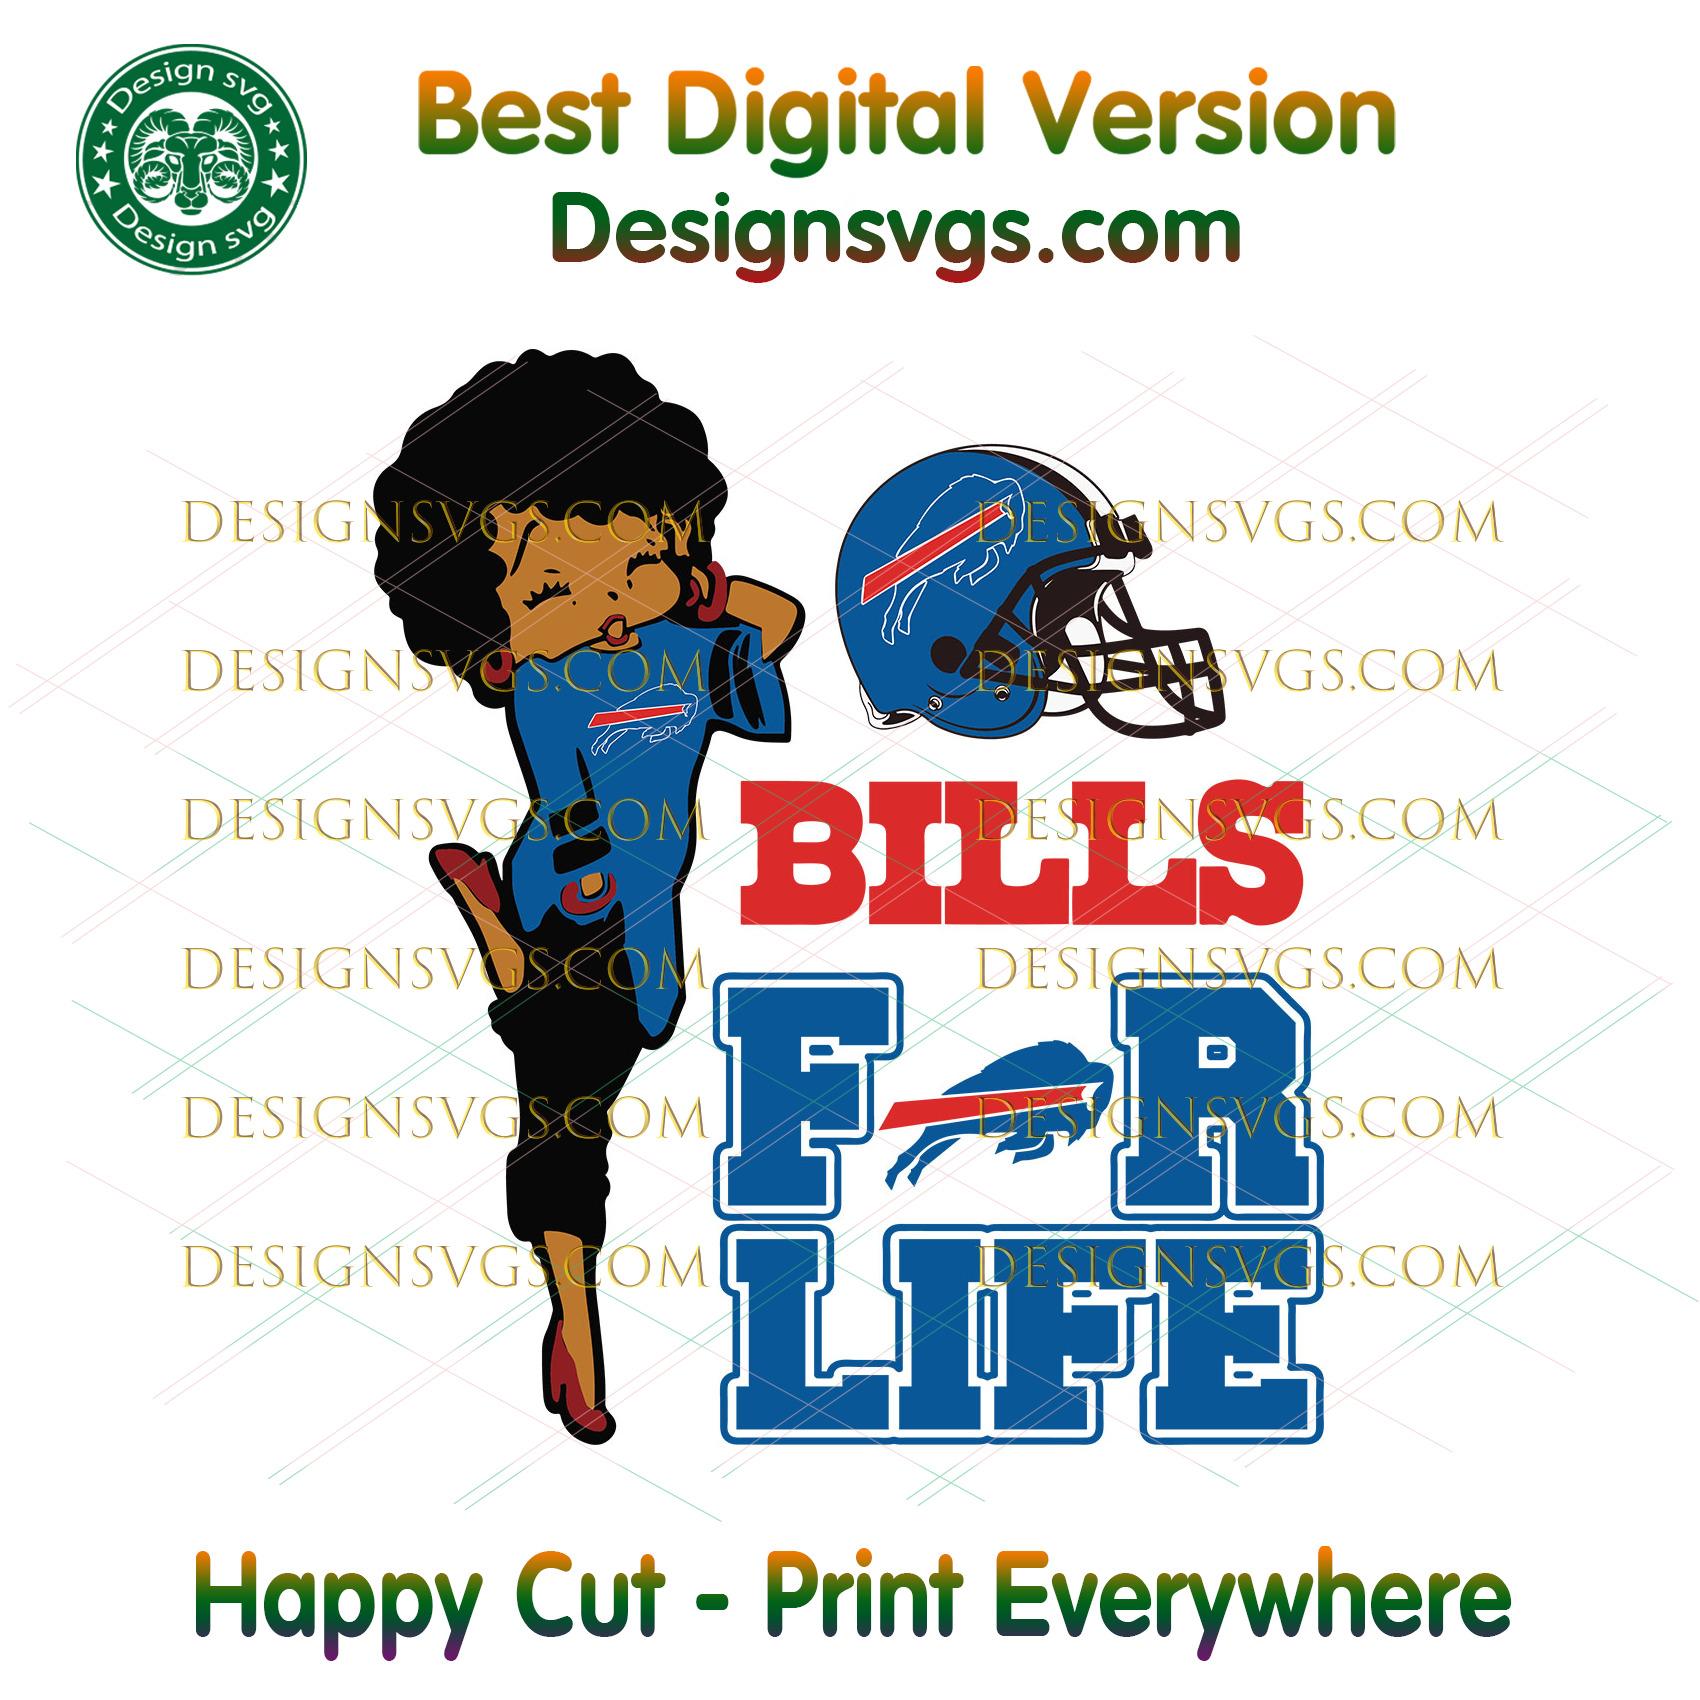 Buffalo Bills For Life Svg, Sport Svg, Buffalo Bills, Bills Svg, Bills Nfl,